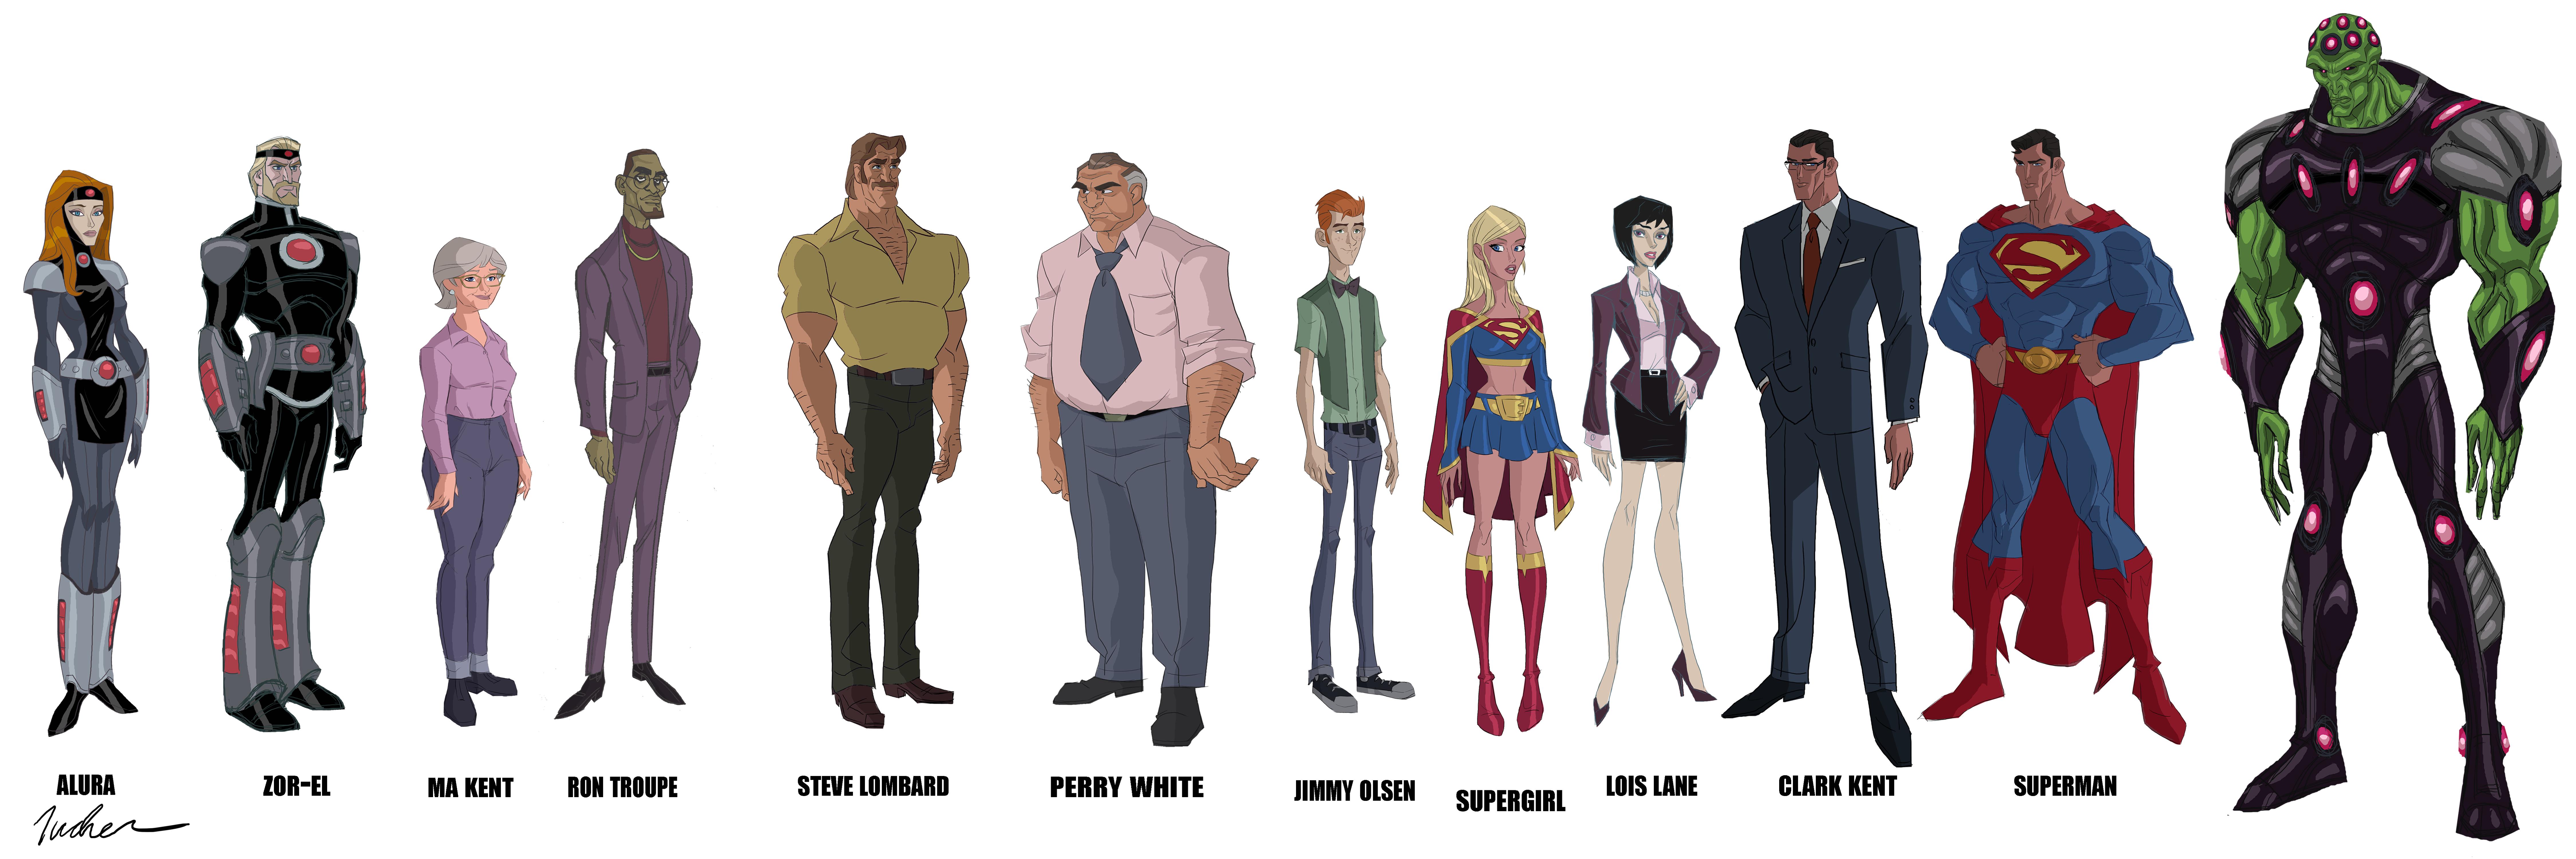 Superman Unbound designs